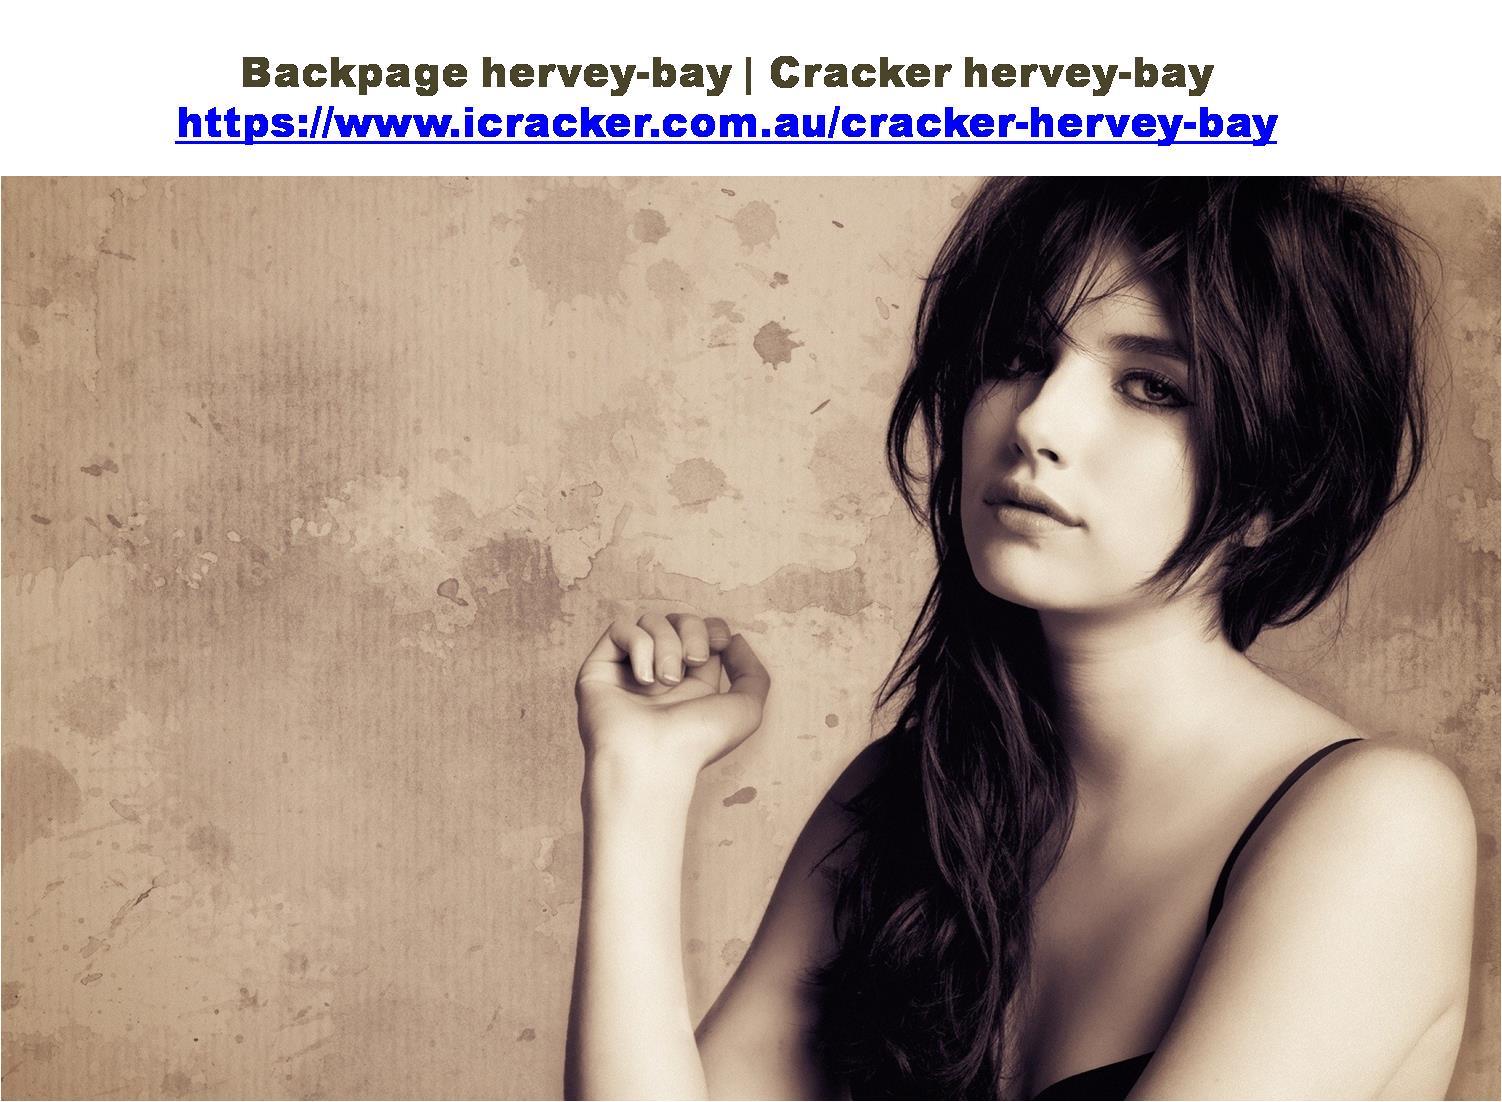 Backpage hervey-bay | Cracker hervey-bay